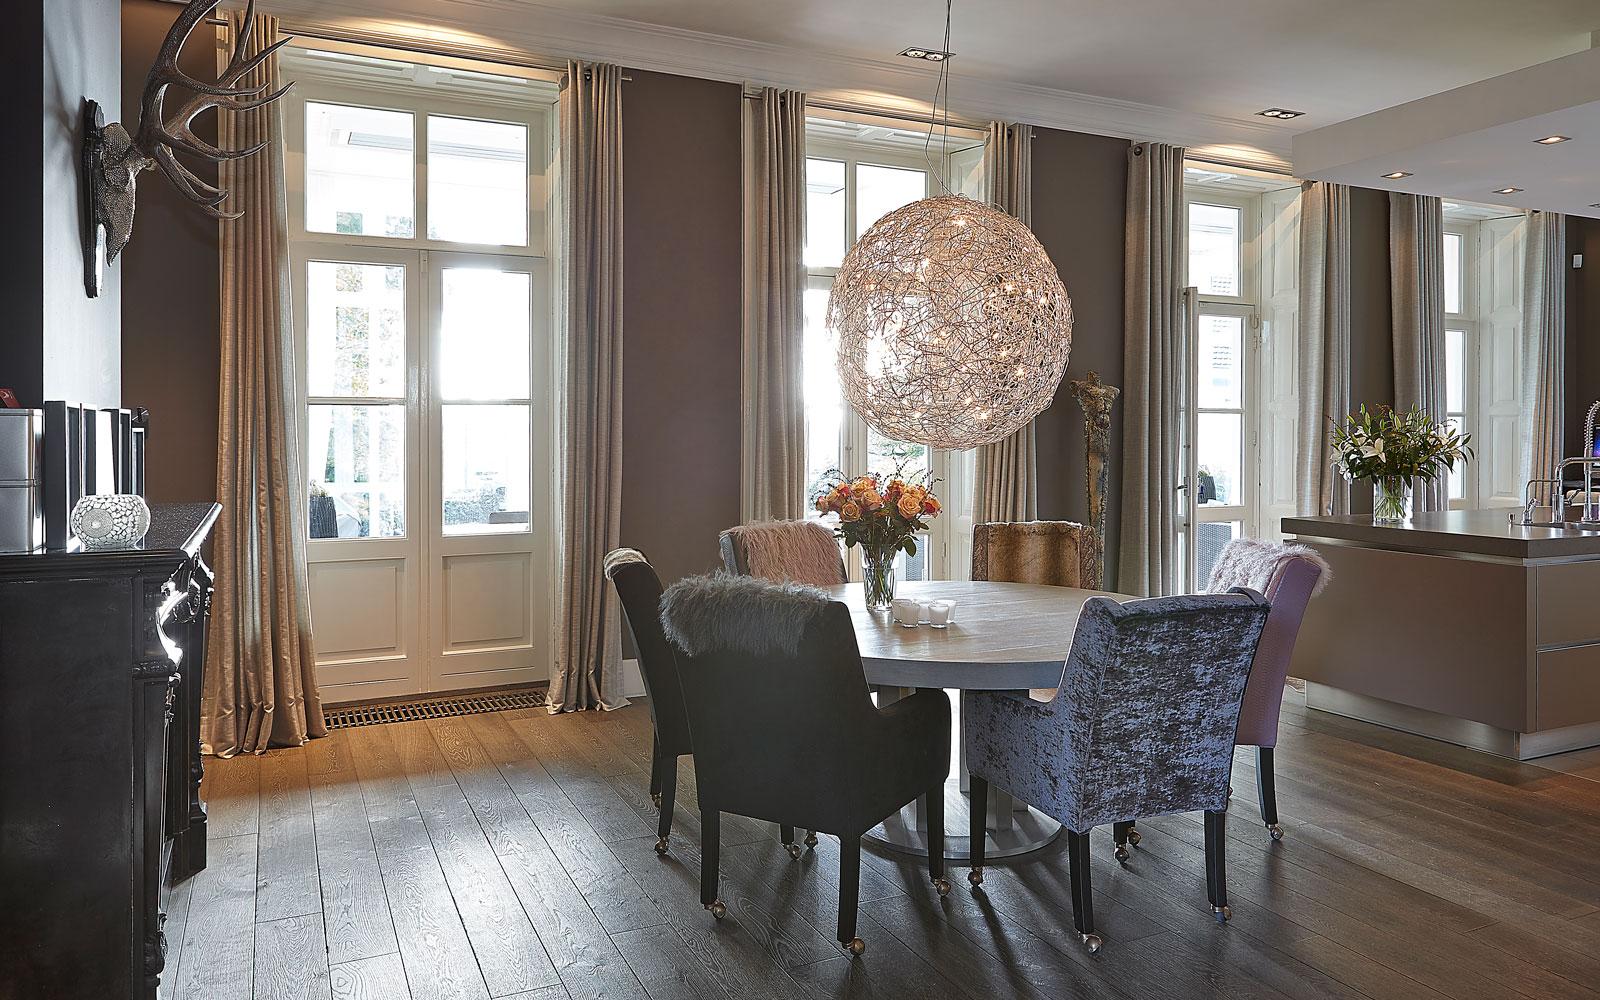 Eetkamer, eettafel, houten vloer, Europa Parket, klassiek herenhuis, Kees Marcelis